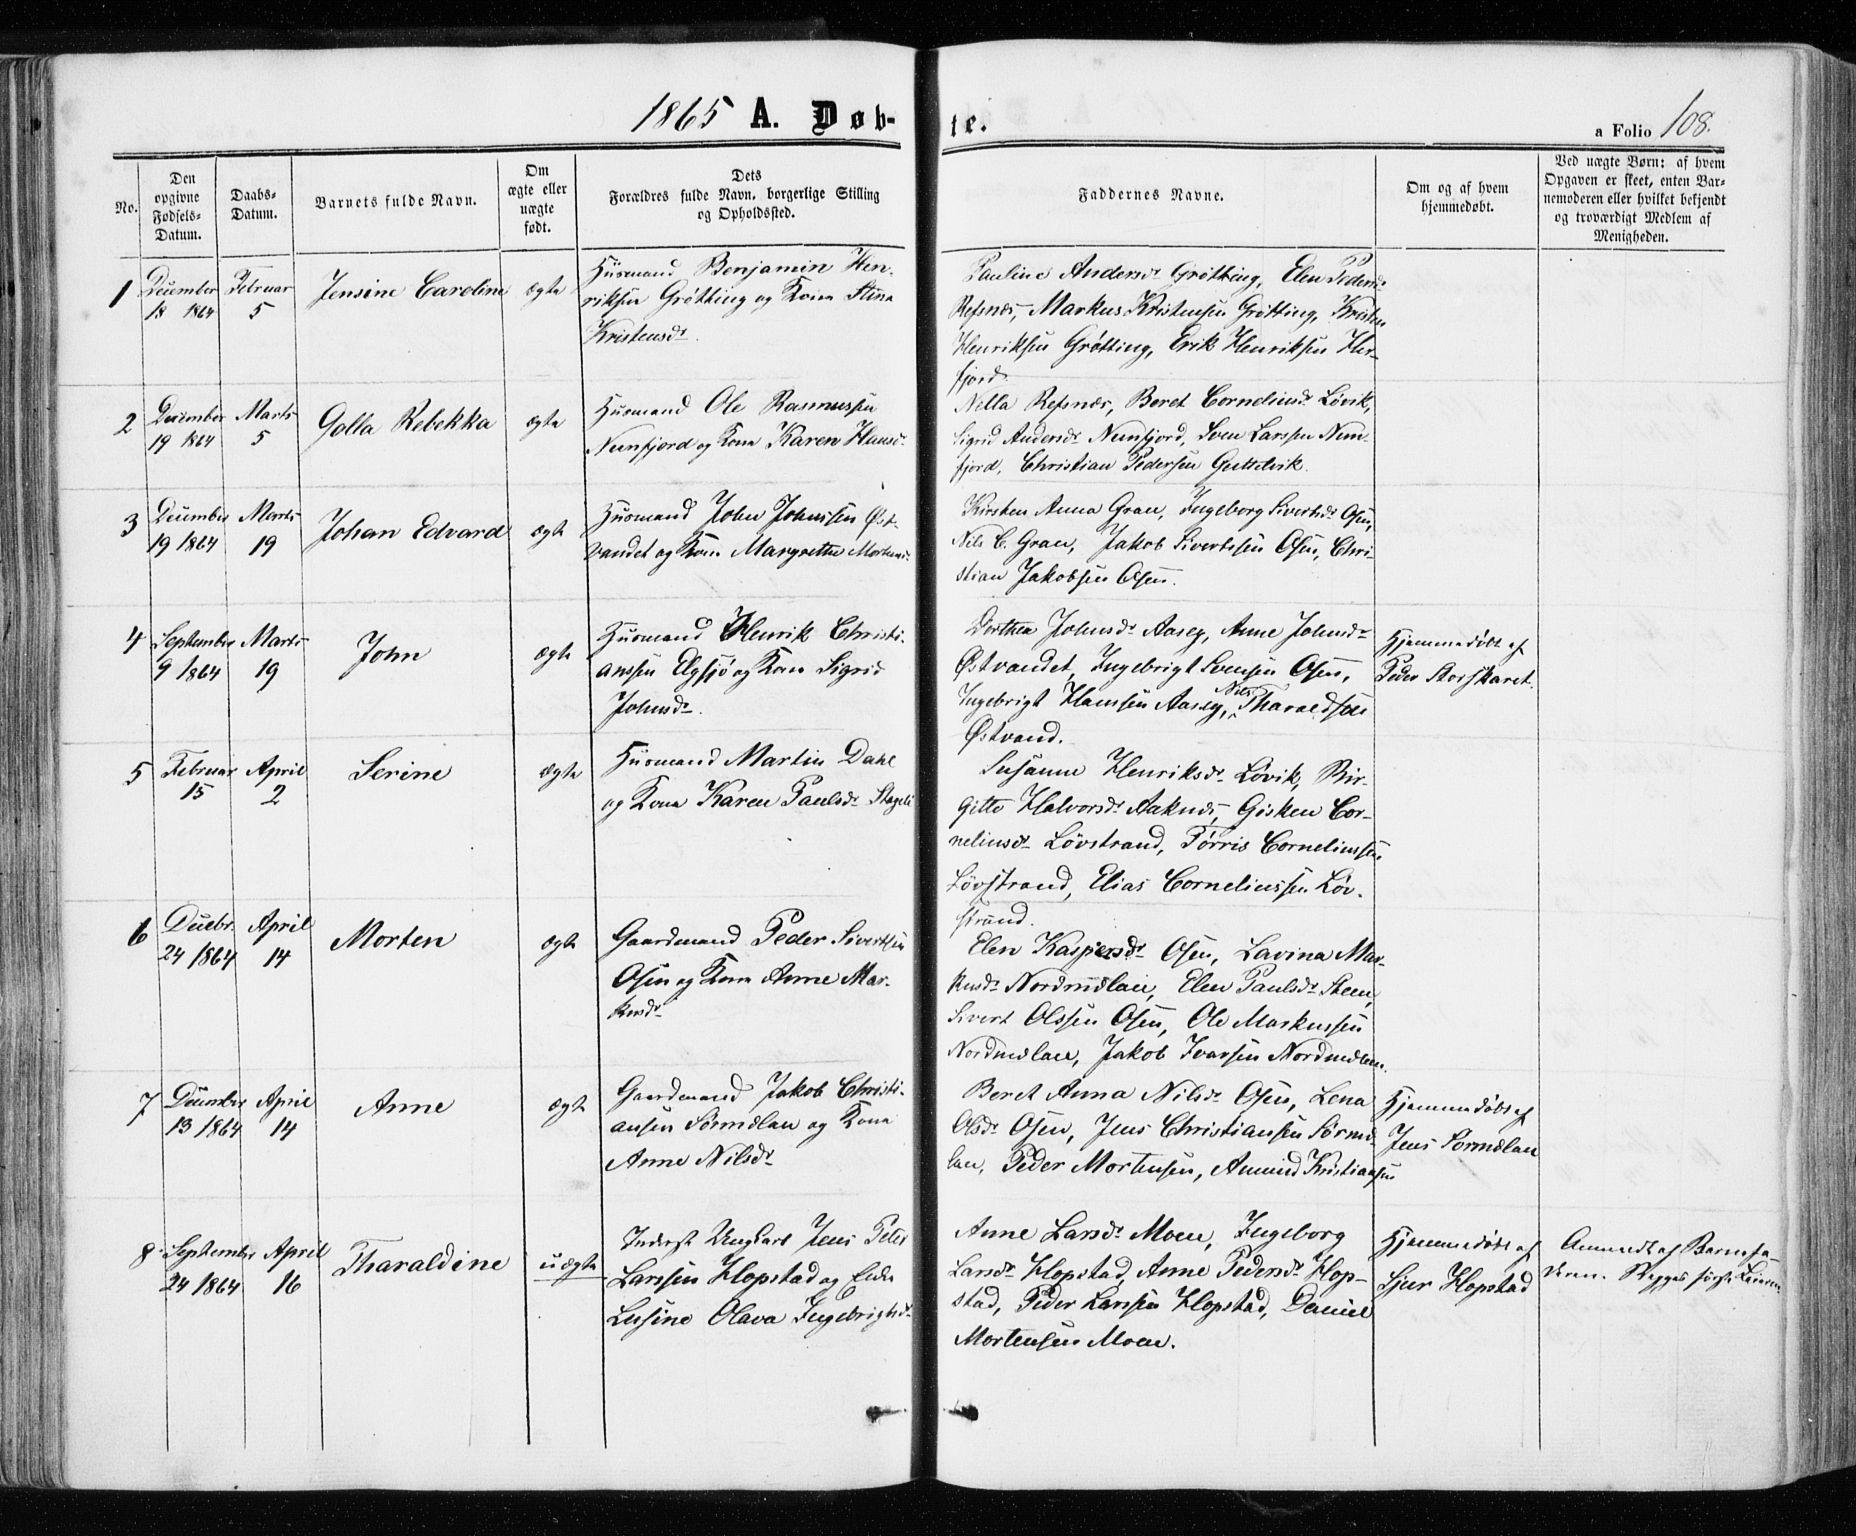 SAT, Ministerialprotokoller, klokkerbøker og fødselsregistre - Sør-Trøndelag, 657/L0705: Ministerialbok nr. 657A06, 1858-1867, s. 108